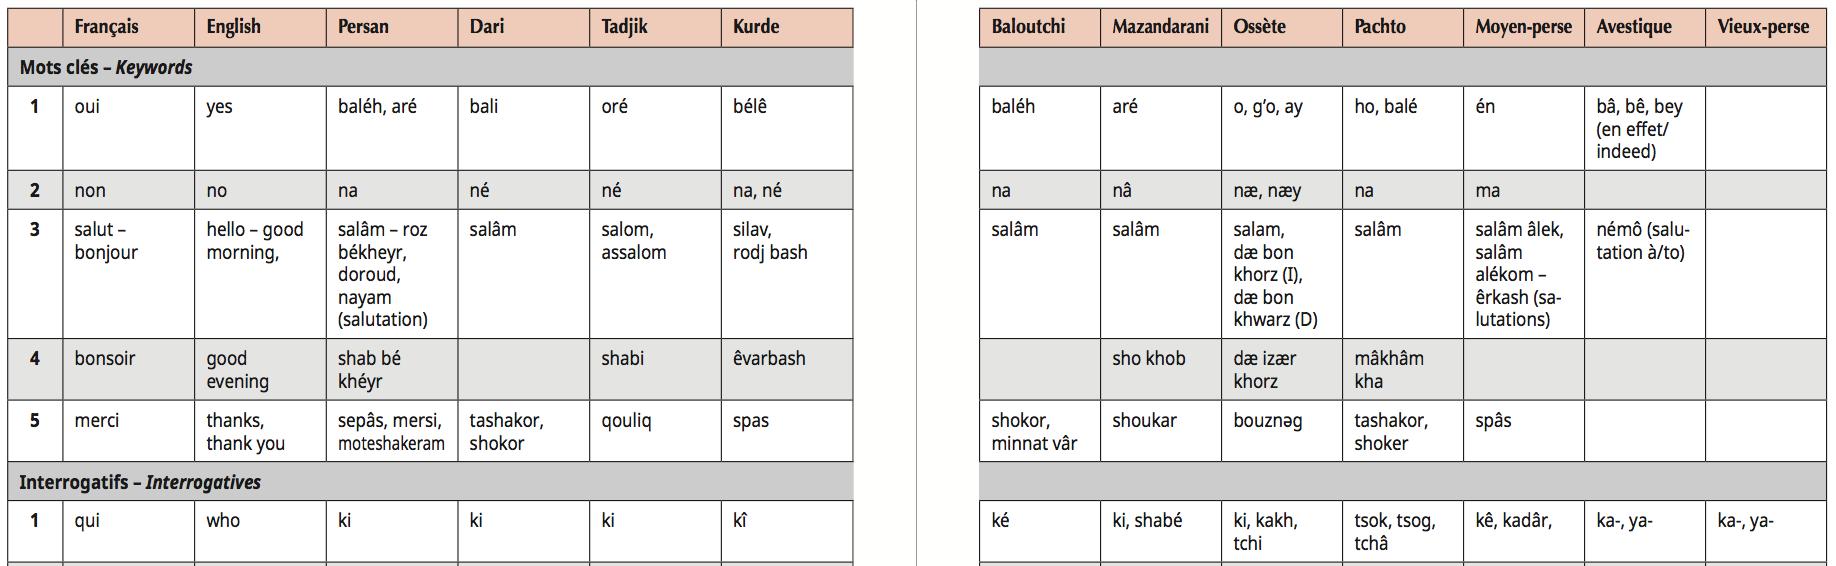 Lexique des langues iraniennes : pages 6 et 7